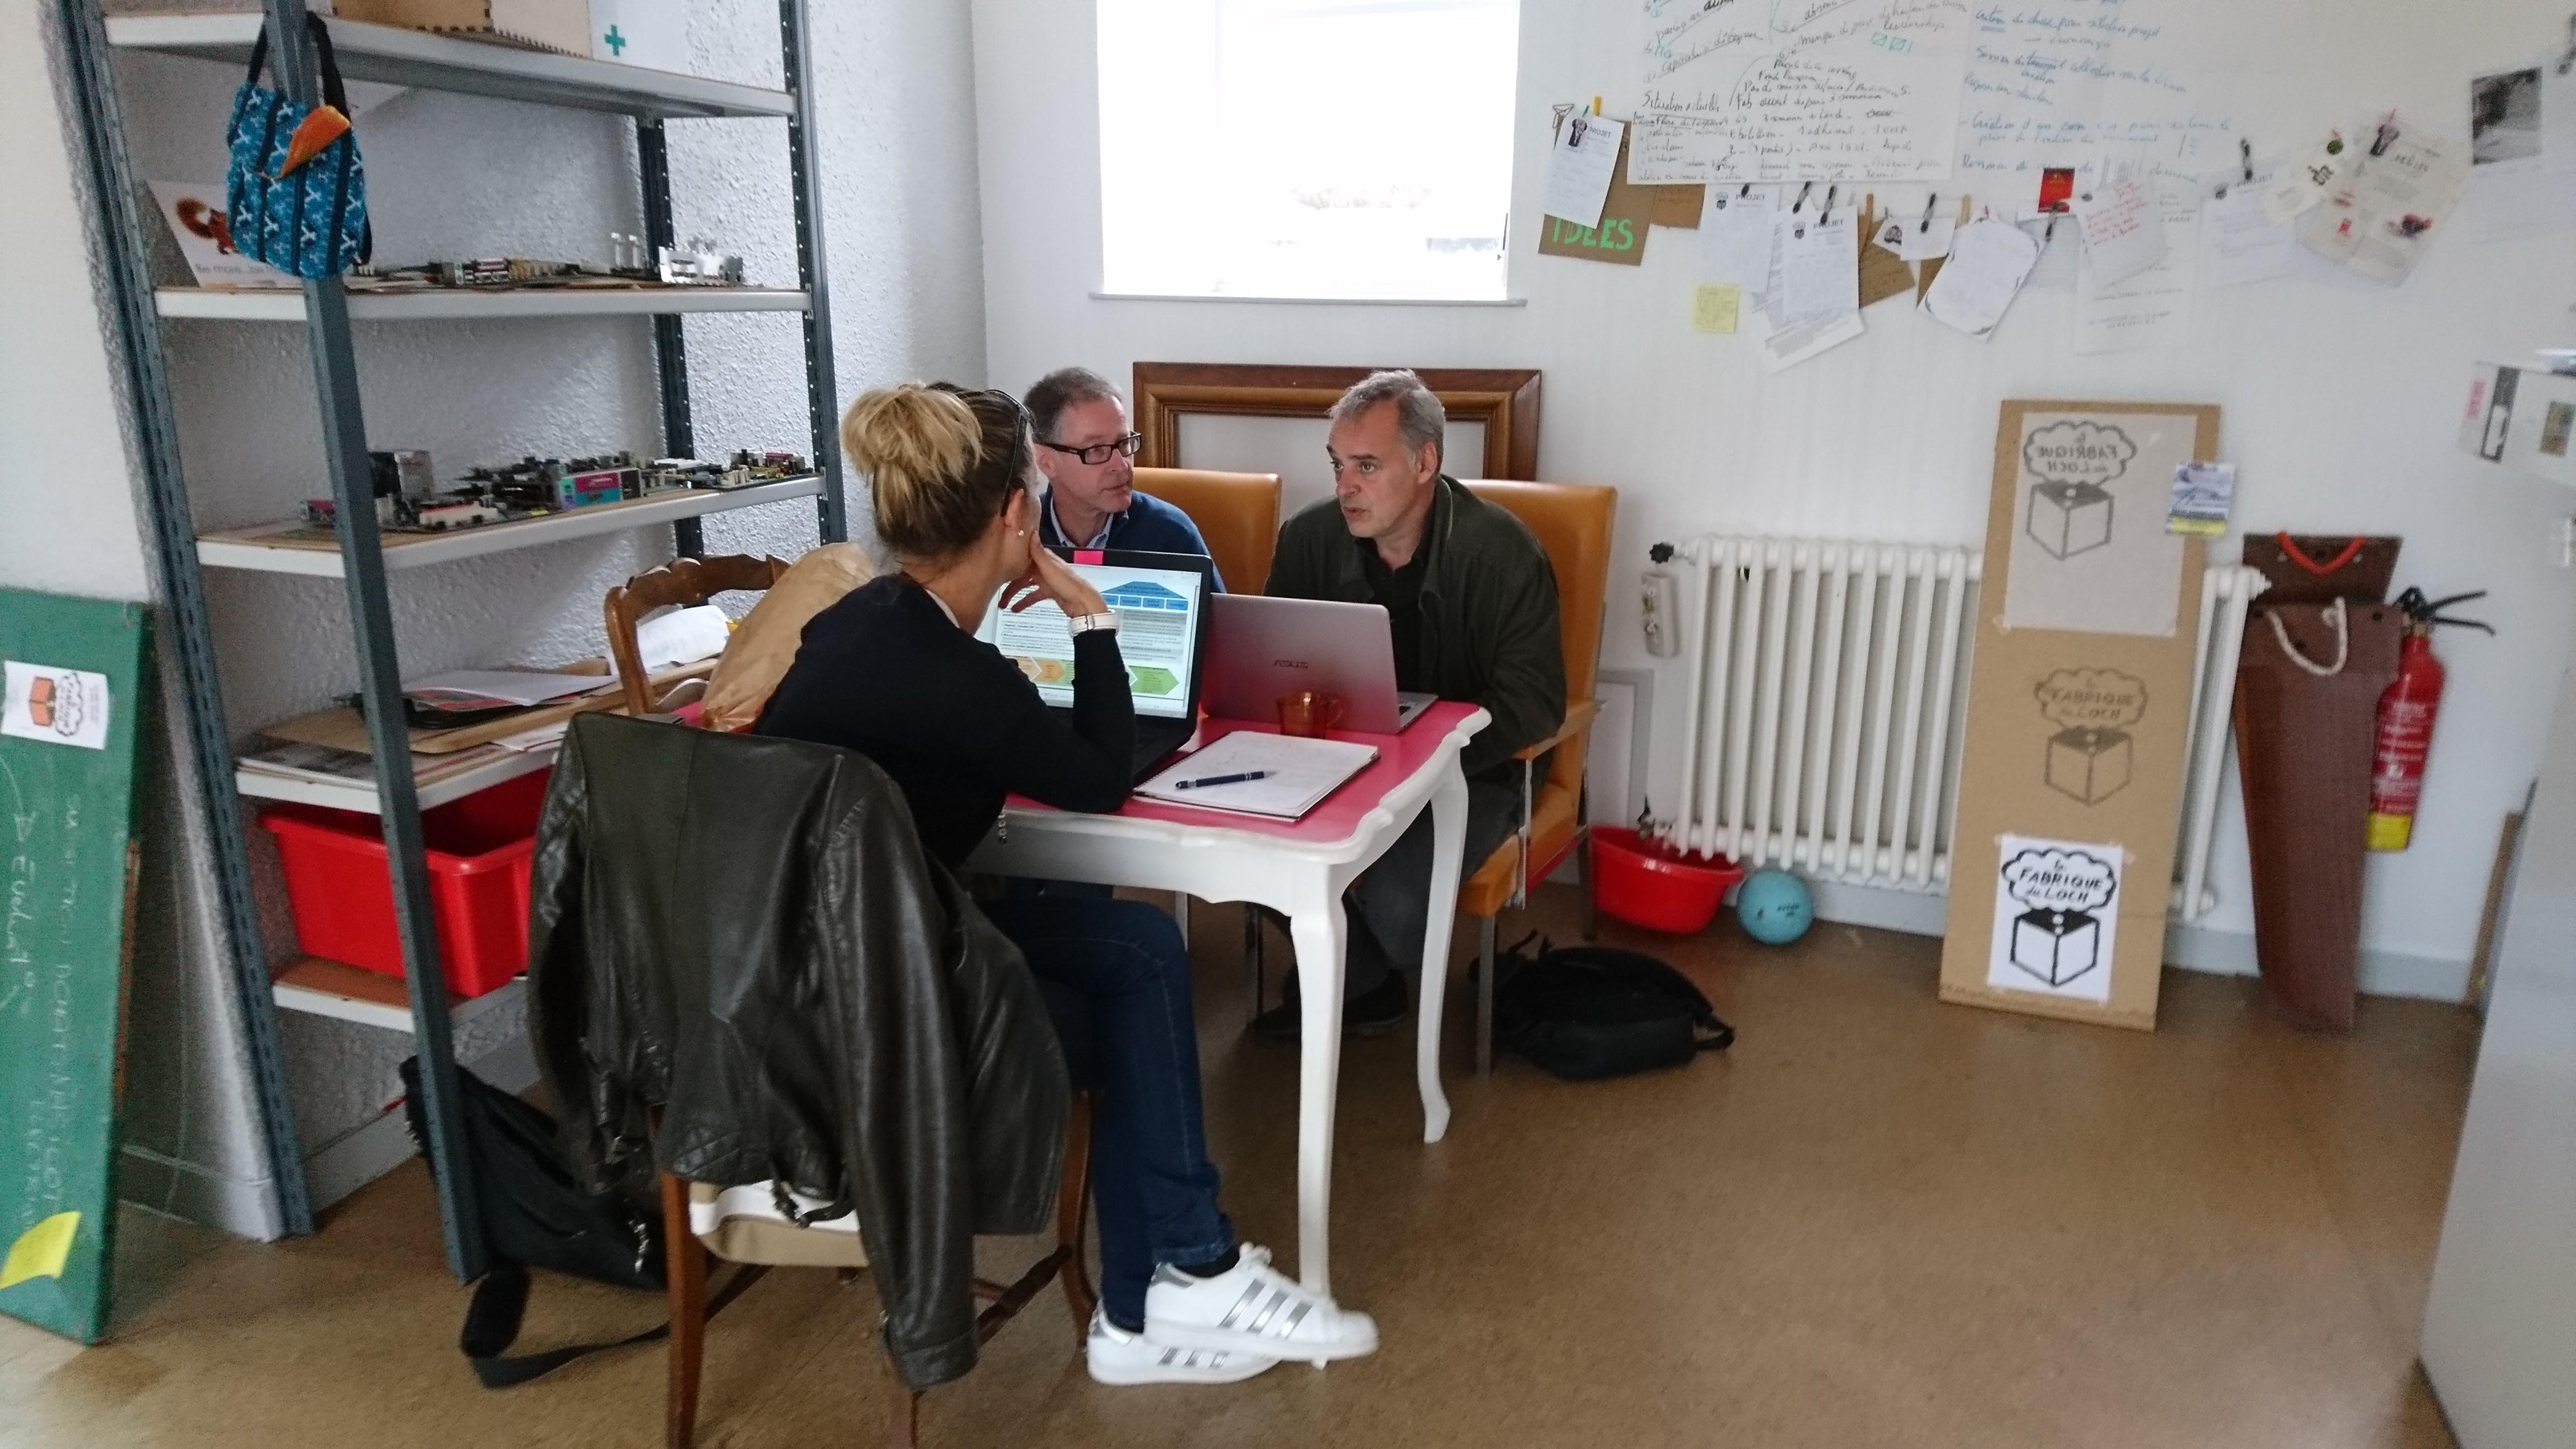 Réunion de travail en Co working la Fabrique du loch Auray